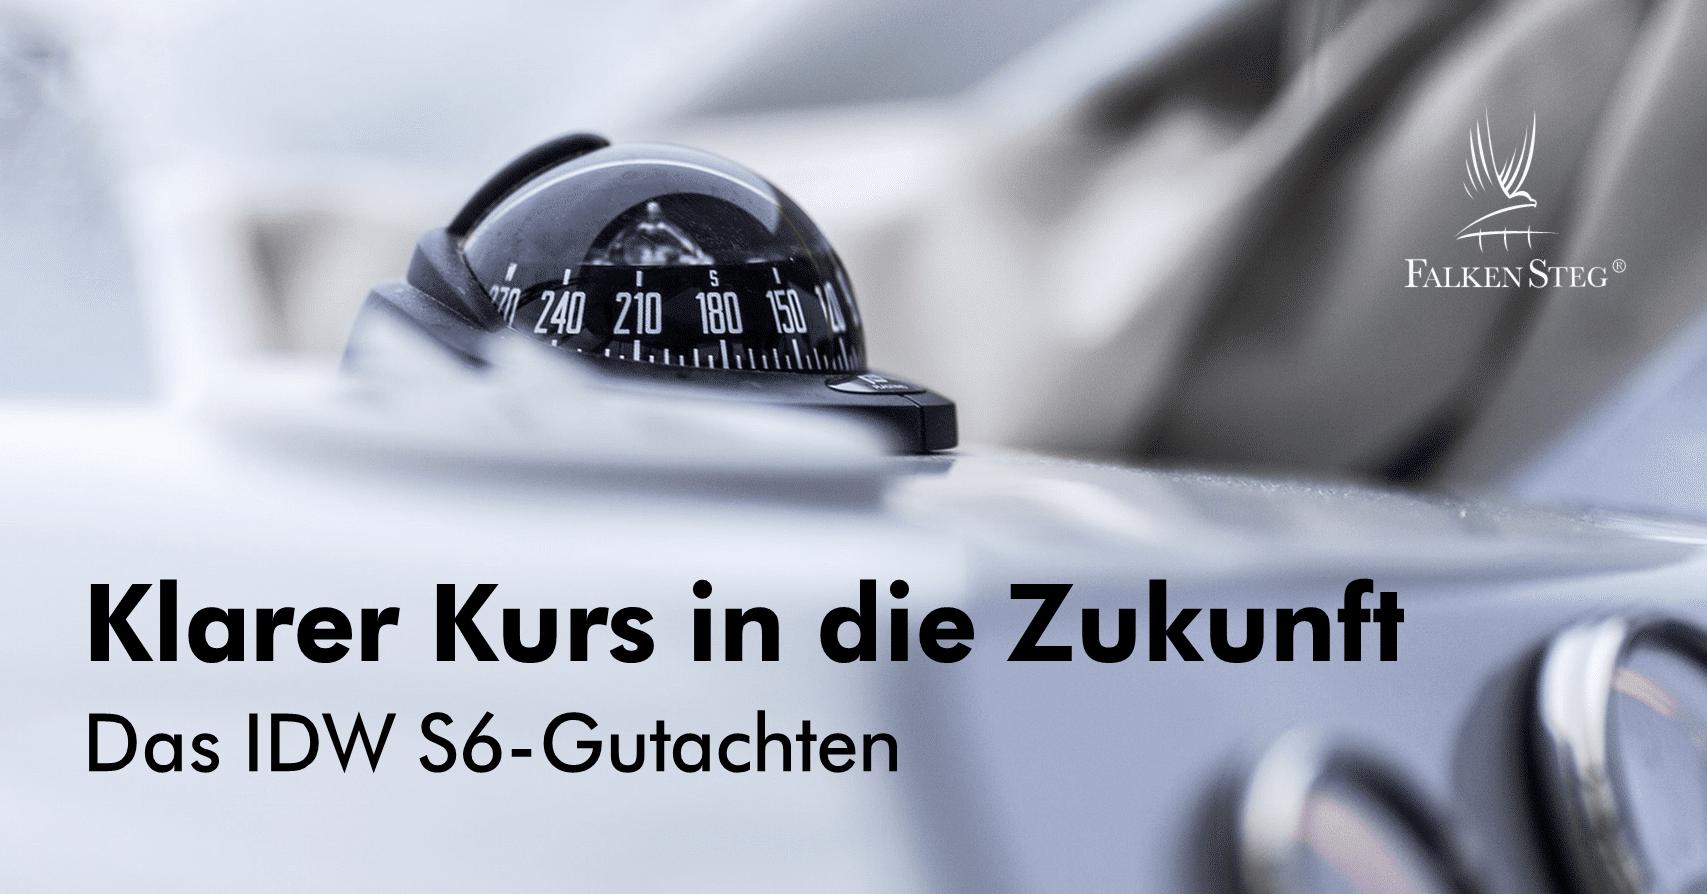 Falkensteg-Starug-Saninsfog-Restrukturierung-Sanierungskonzept-duesseldorf-Frankfurt-_Insights grafiken